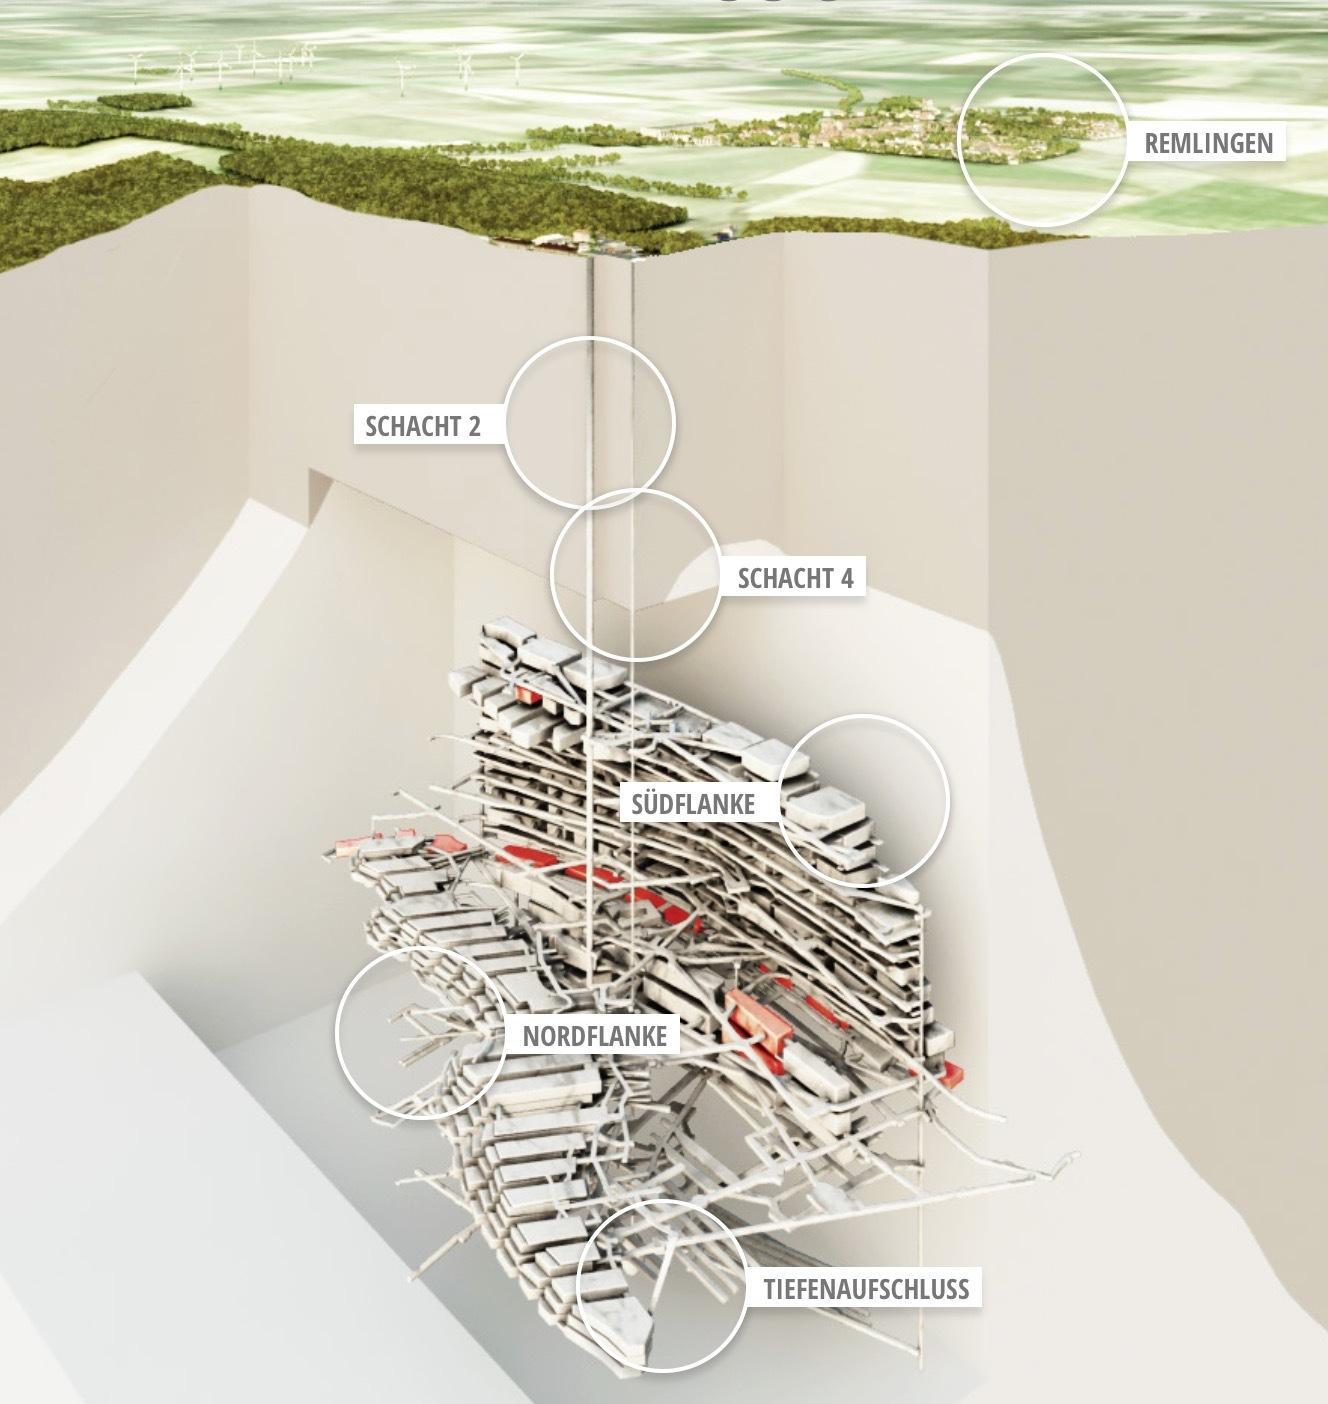 Darstellung aus einer Multimedia-Präsentation der Bundesgesellschaft für Endlagerung.